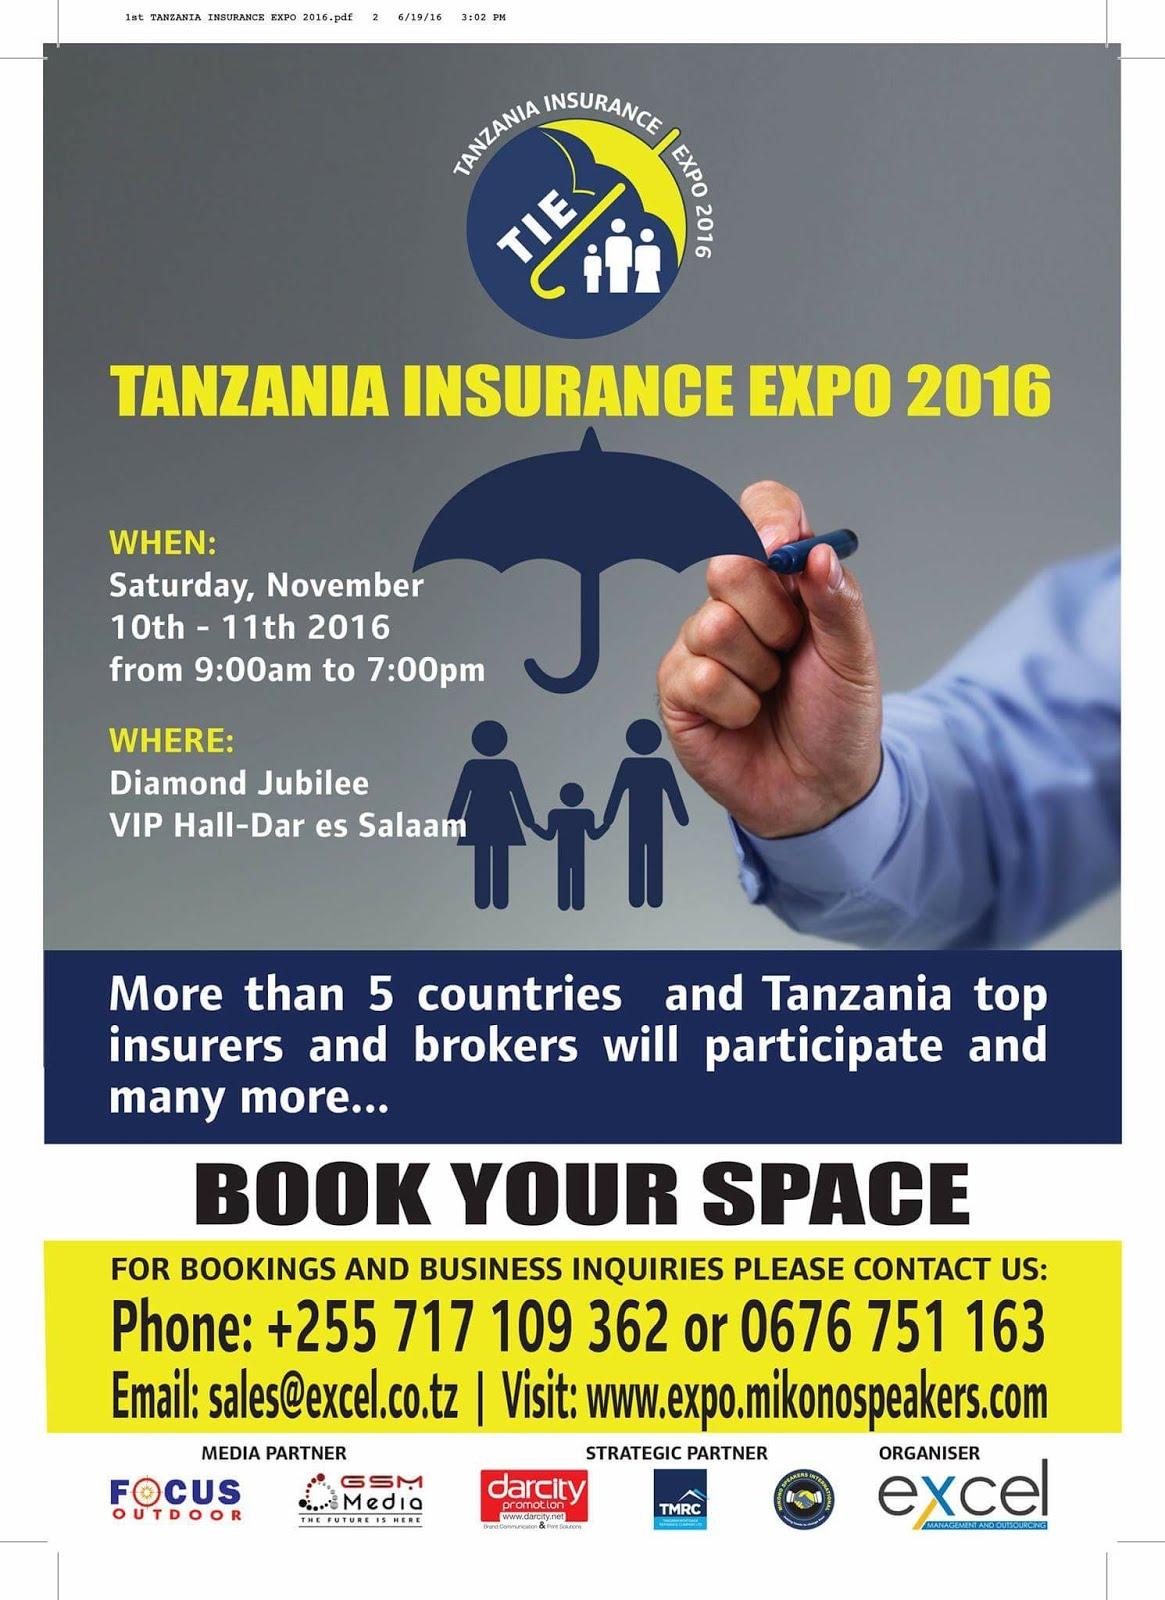 TANZANIA INSURANCE EXPO 2016